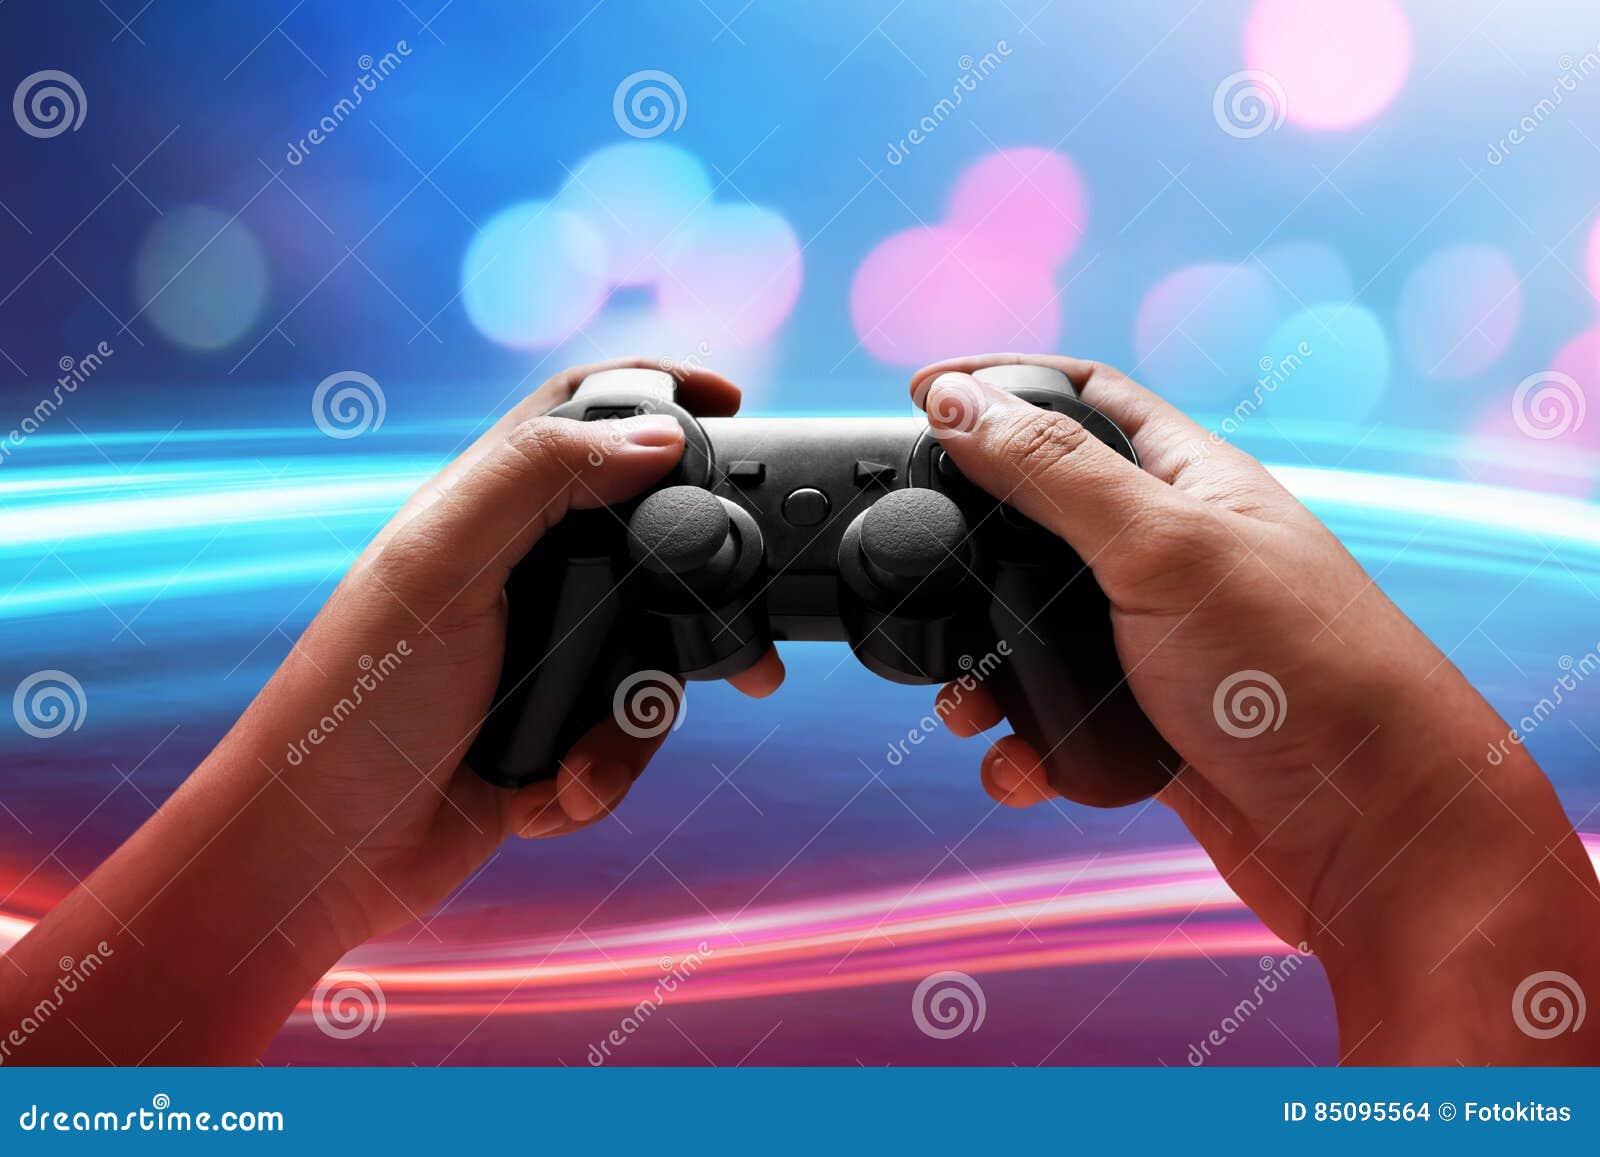 Jugar a los juegos video